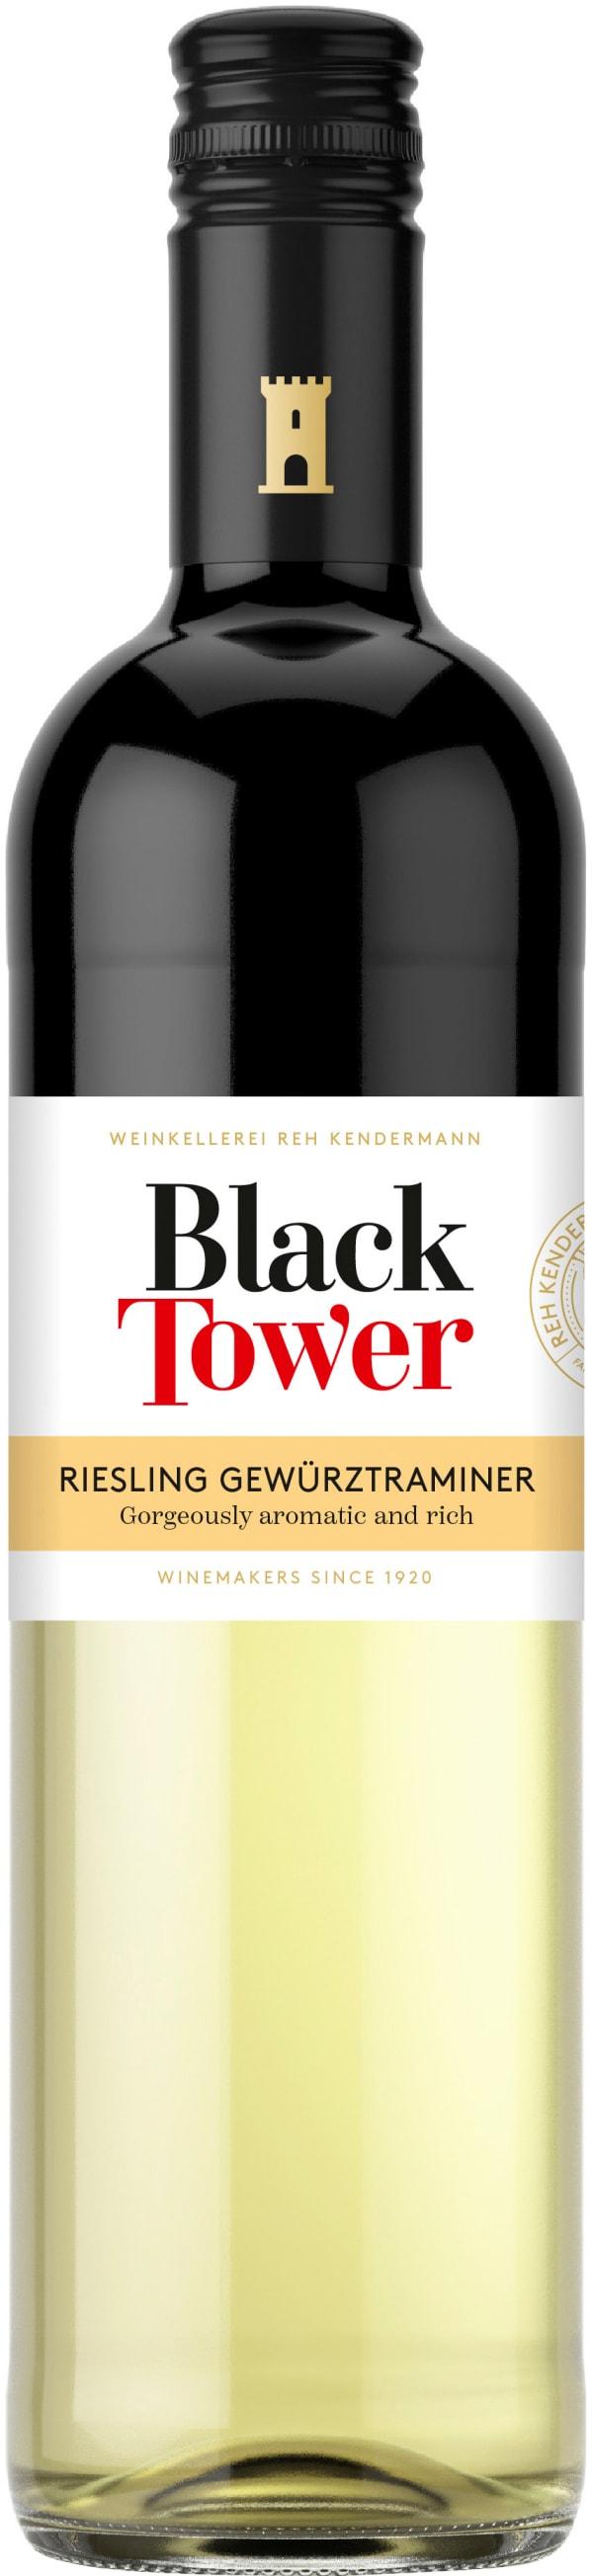 Black Tower Riesling Gewürztraminer 2020